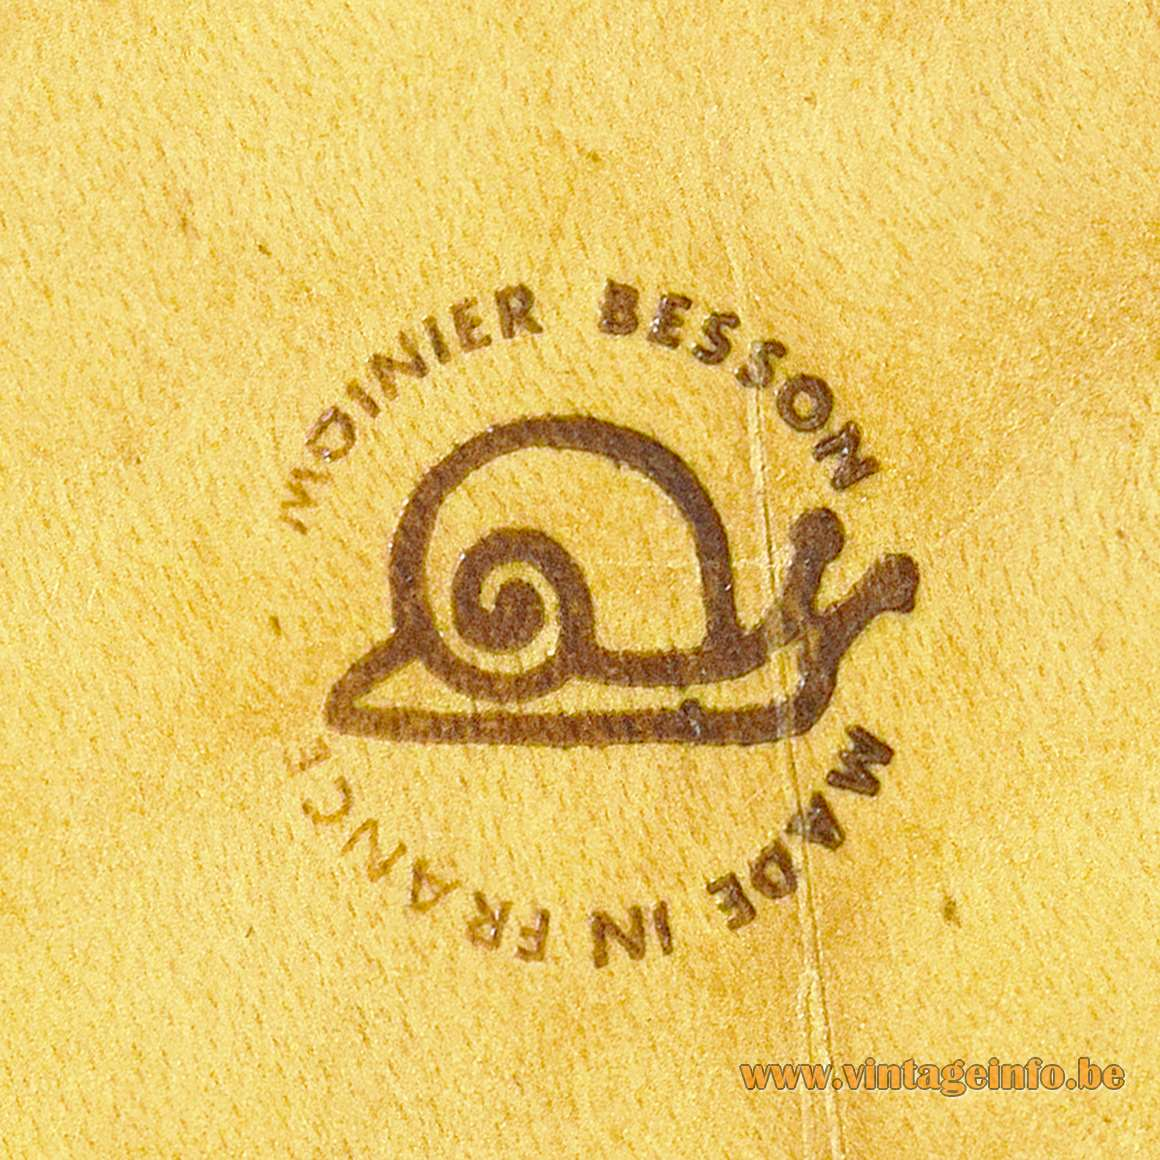 Moinier Bessson logo